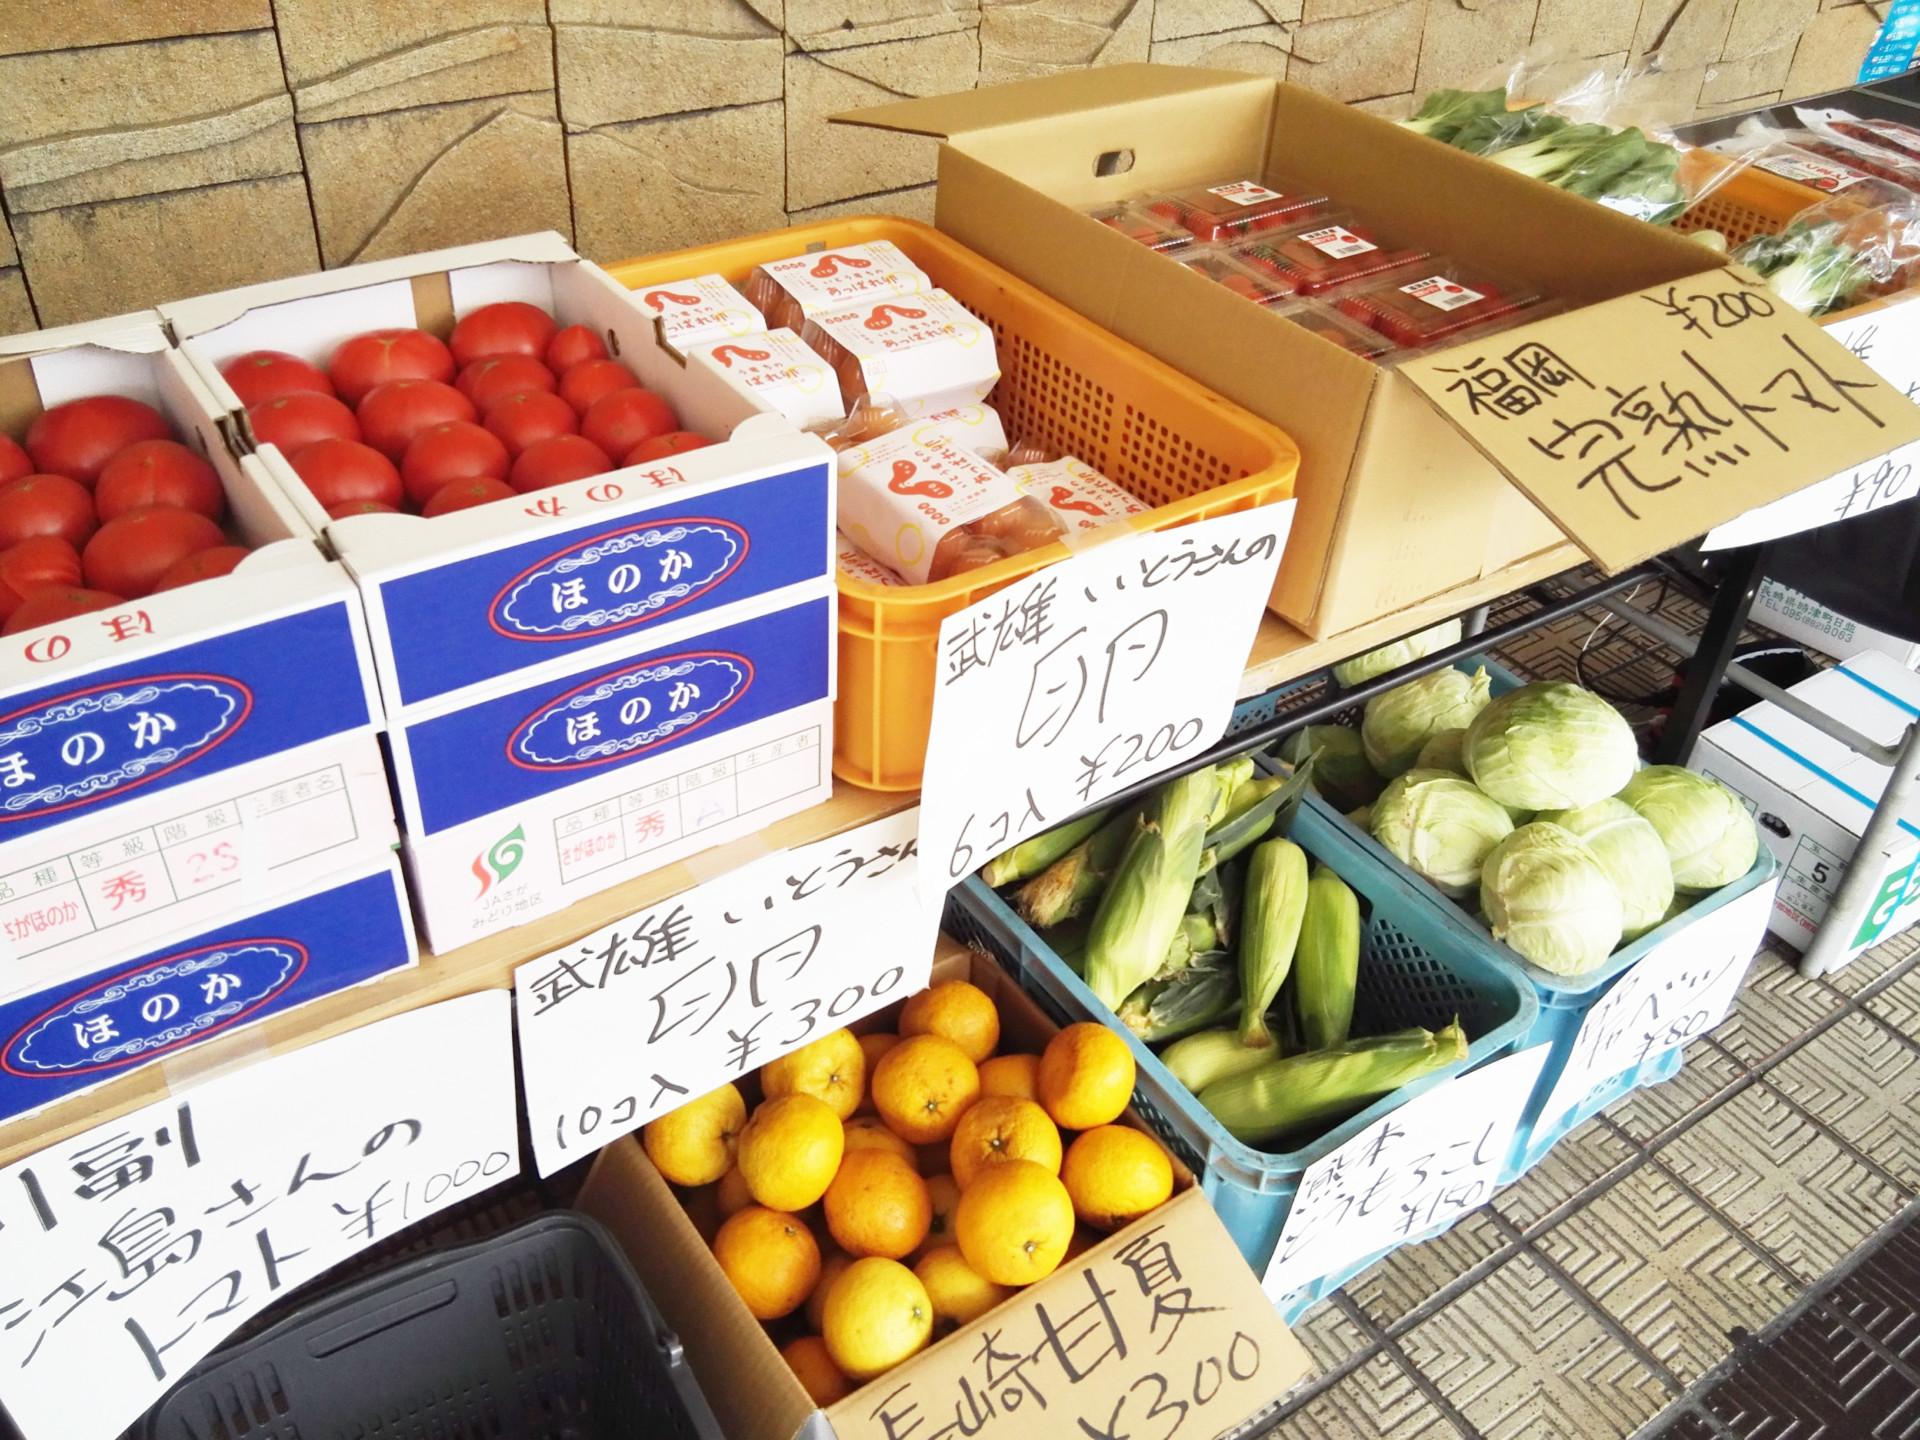 新鮮な野菜や果物が多数並びます